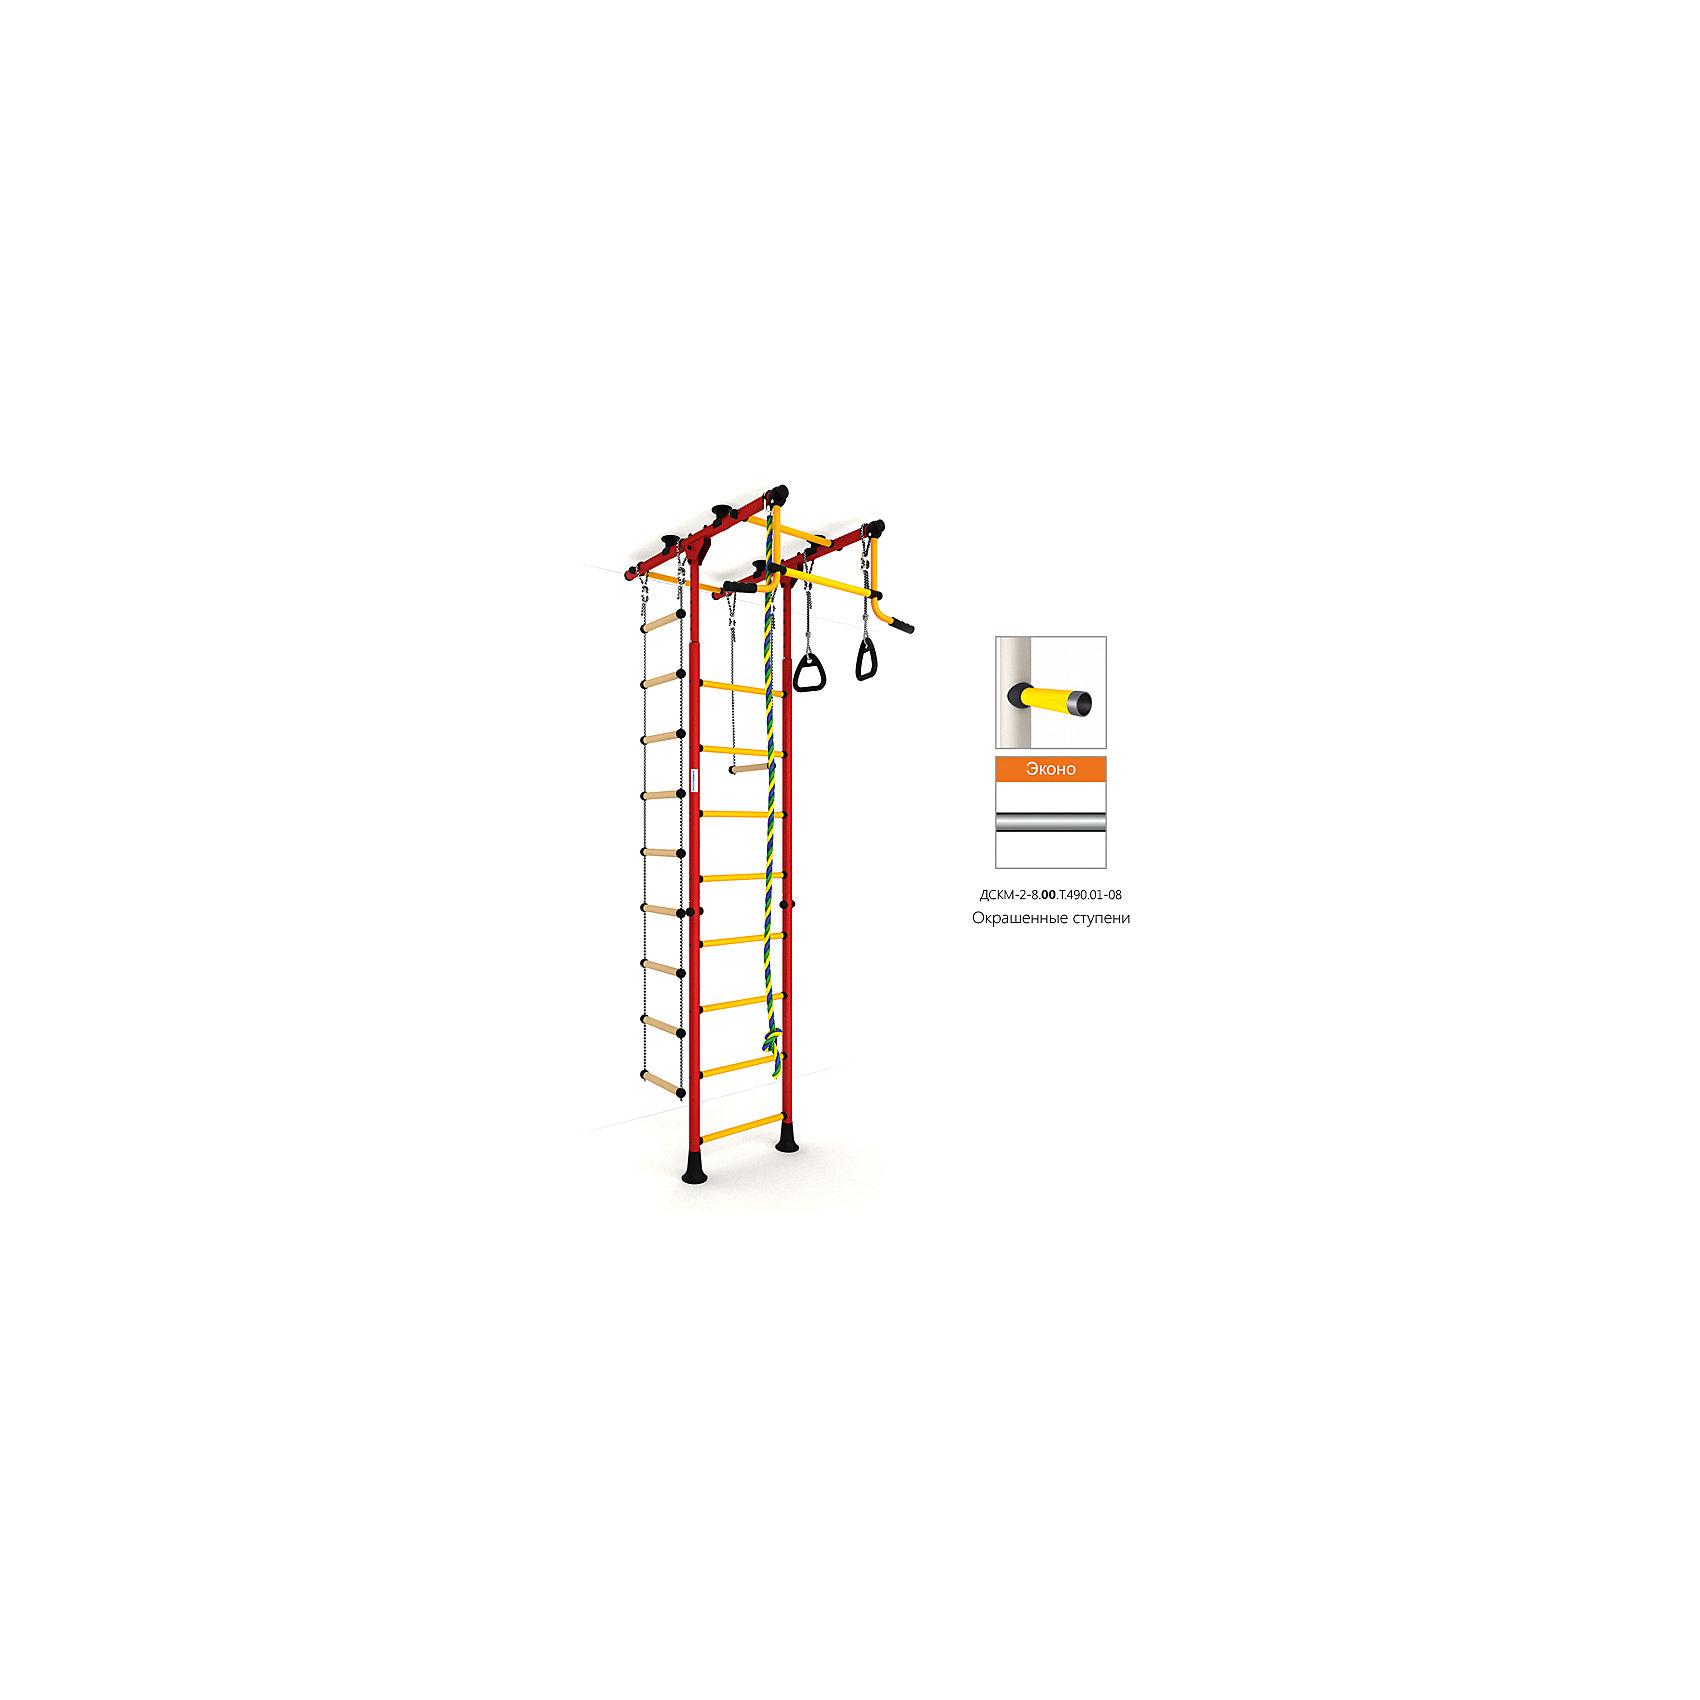 Шведская лестница Комета-1 Эконо, красный-желтыйШведские стенки<br>Вариант РОМАНА Карусель Комета-1 с окрашенными ступенями, без дополнительного покрытия – ЭКОНО<br><br>Ширина мм: 1160<br>Глубина мм: 610<br>Высота мм: 140<br>Вес г: 29000<br>Возраст от месяцев: 36<br>Возраст до месяцев: 192<br>Пол: Унисекс<br>Возраст: Детский<br>SKU: 5251555